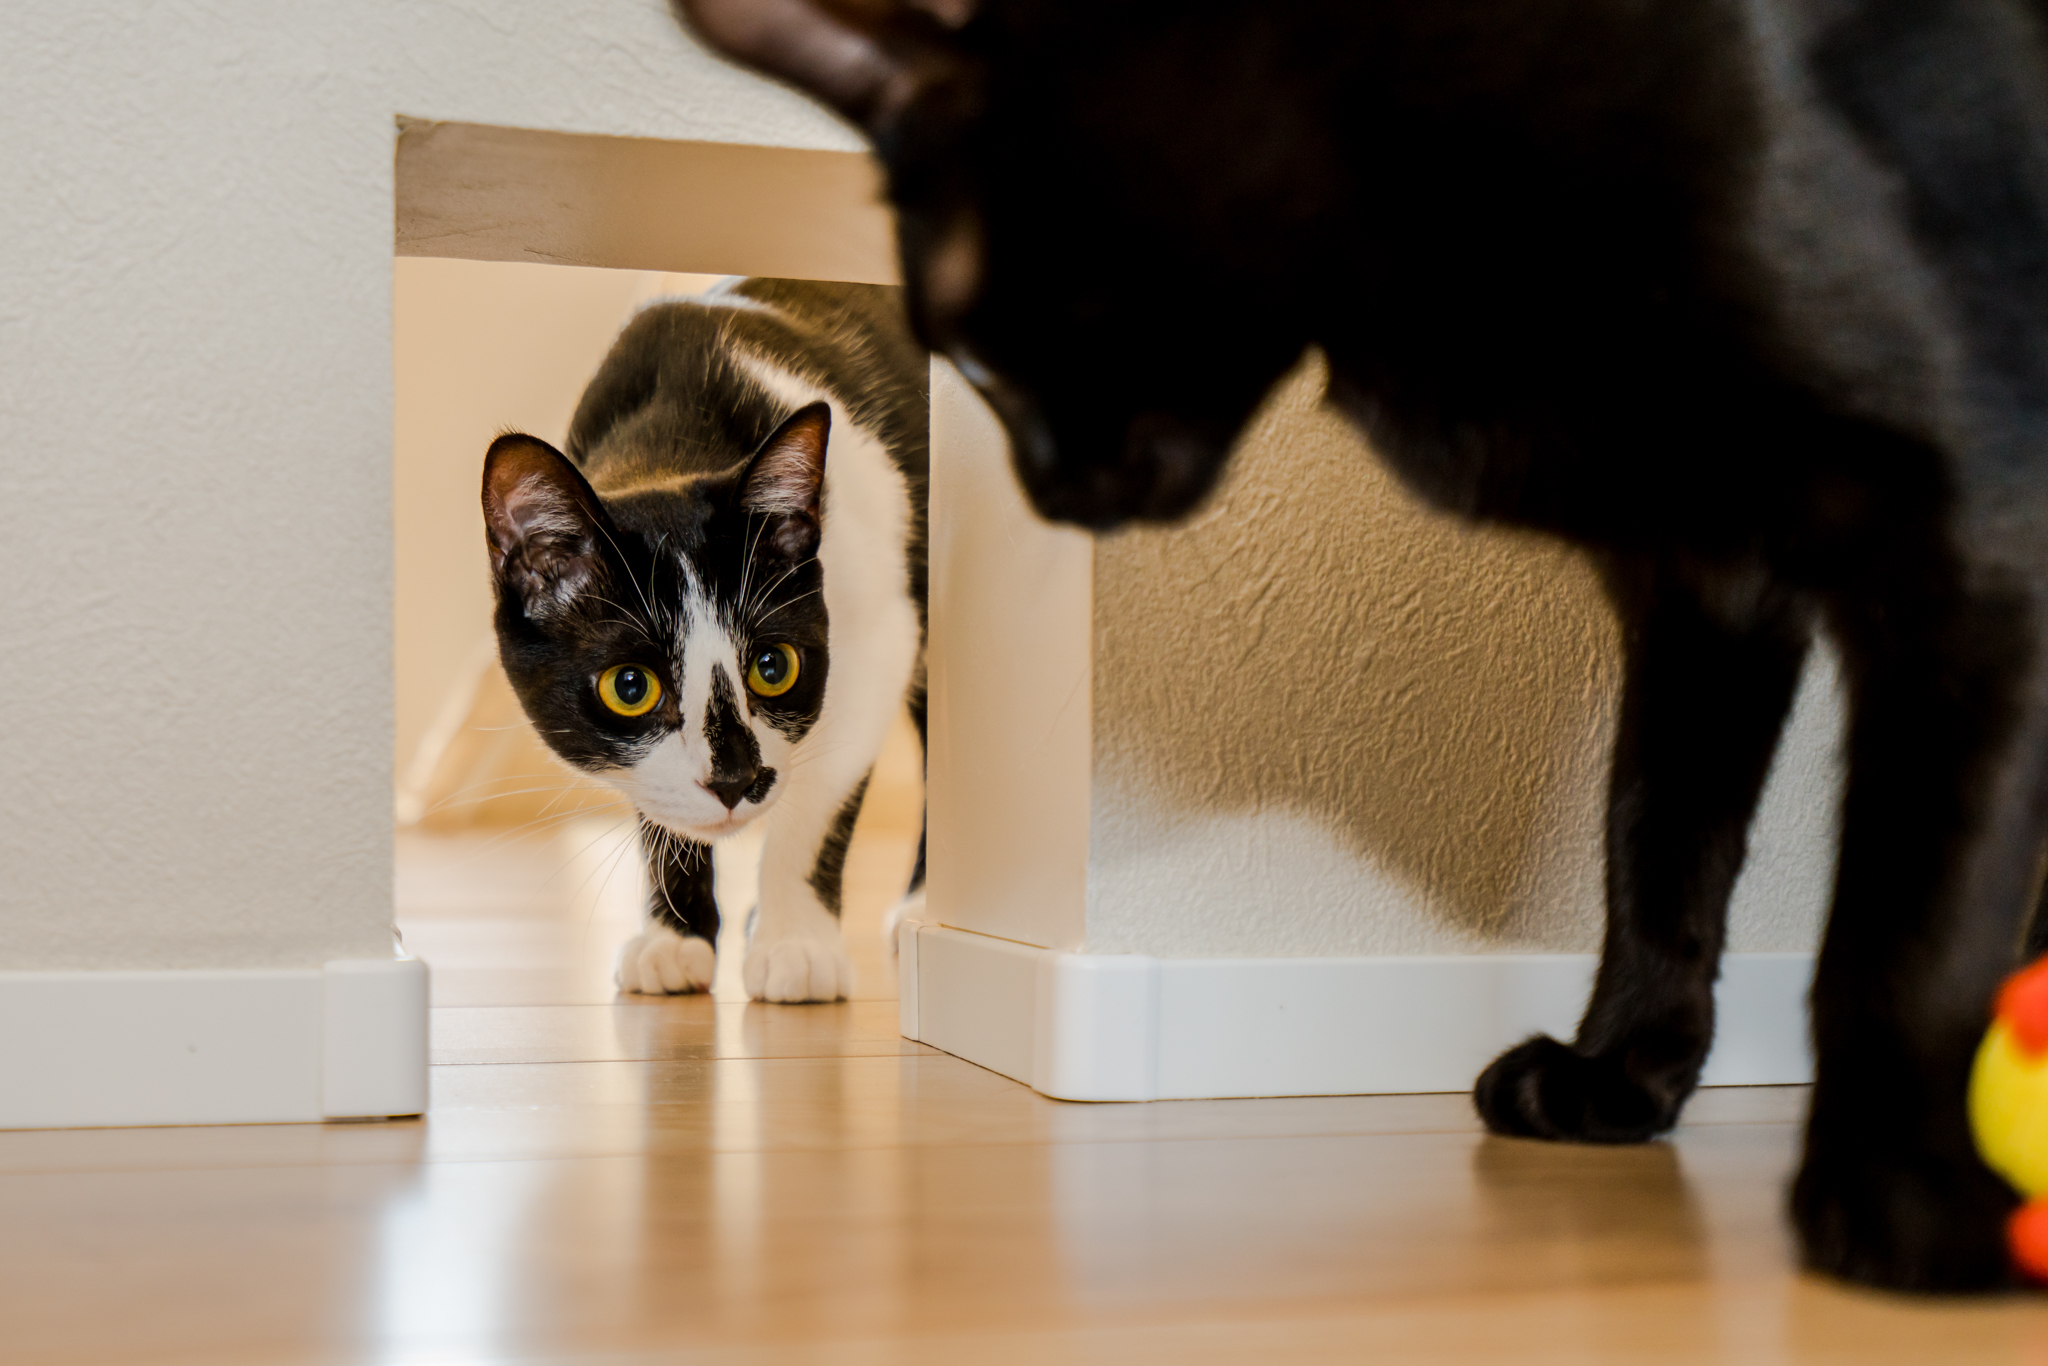 猫と暮らす家ならではの工夫 猫の通り道を確保。猫ドアの設置も可能です!